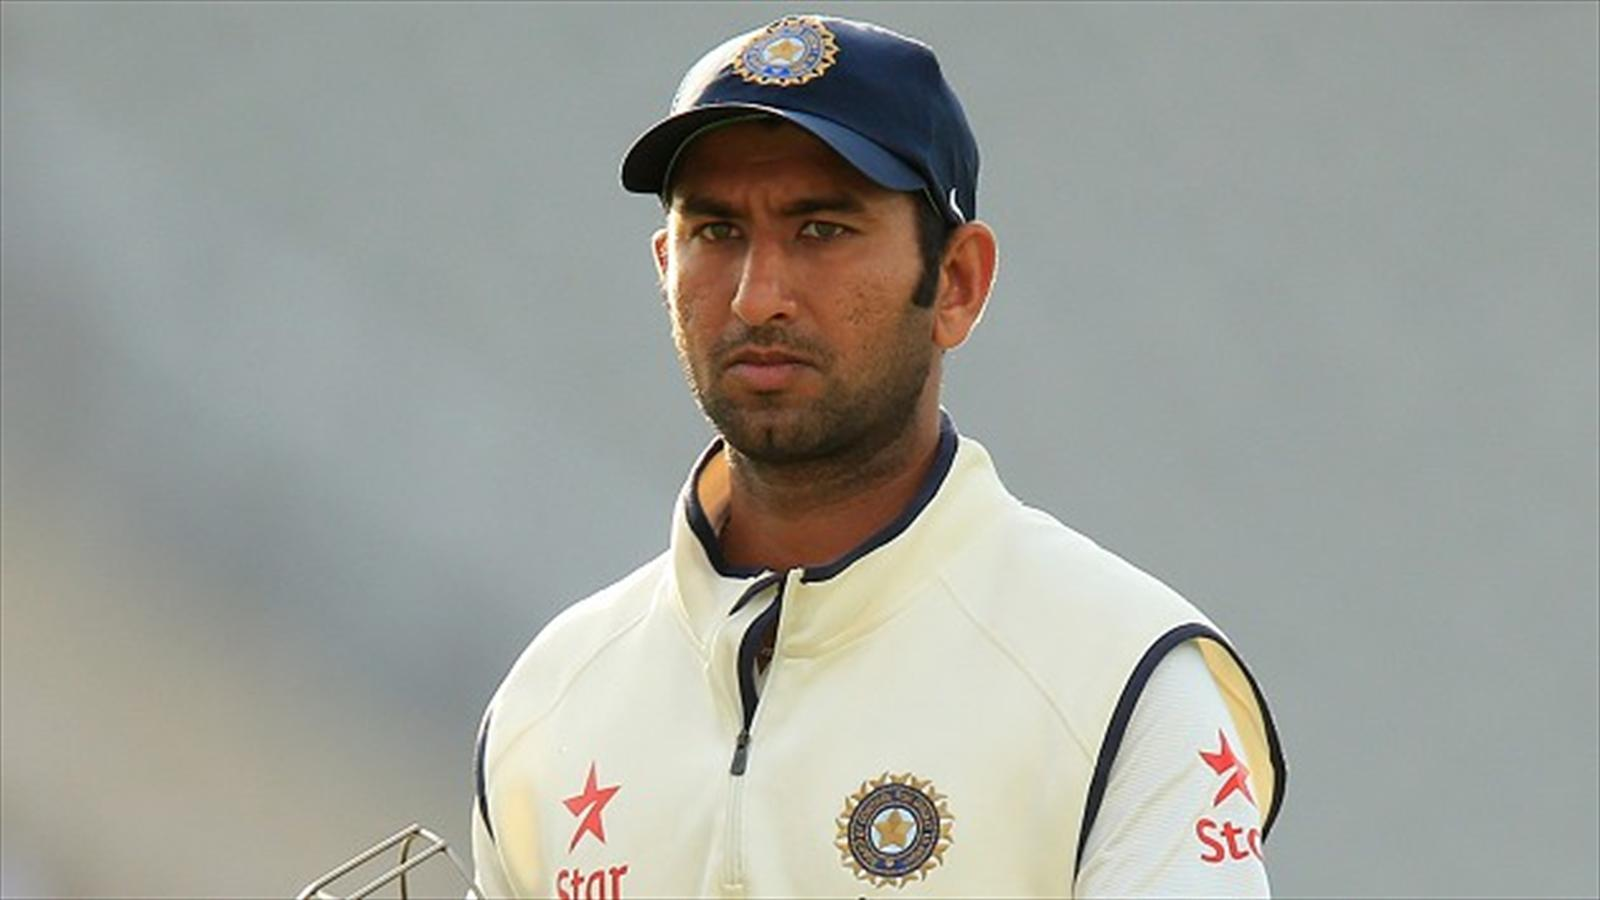 भारतीय वनडे टीम से दूर दिग्गज बल्लेबाज चेतेश्वर पुजारा अब इस टीम की कप्तानी करते आएंगे नजर